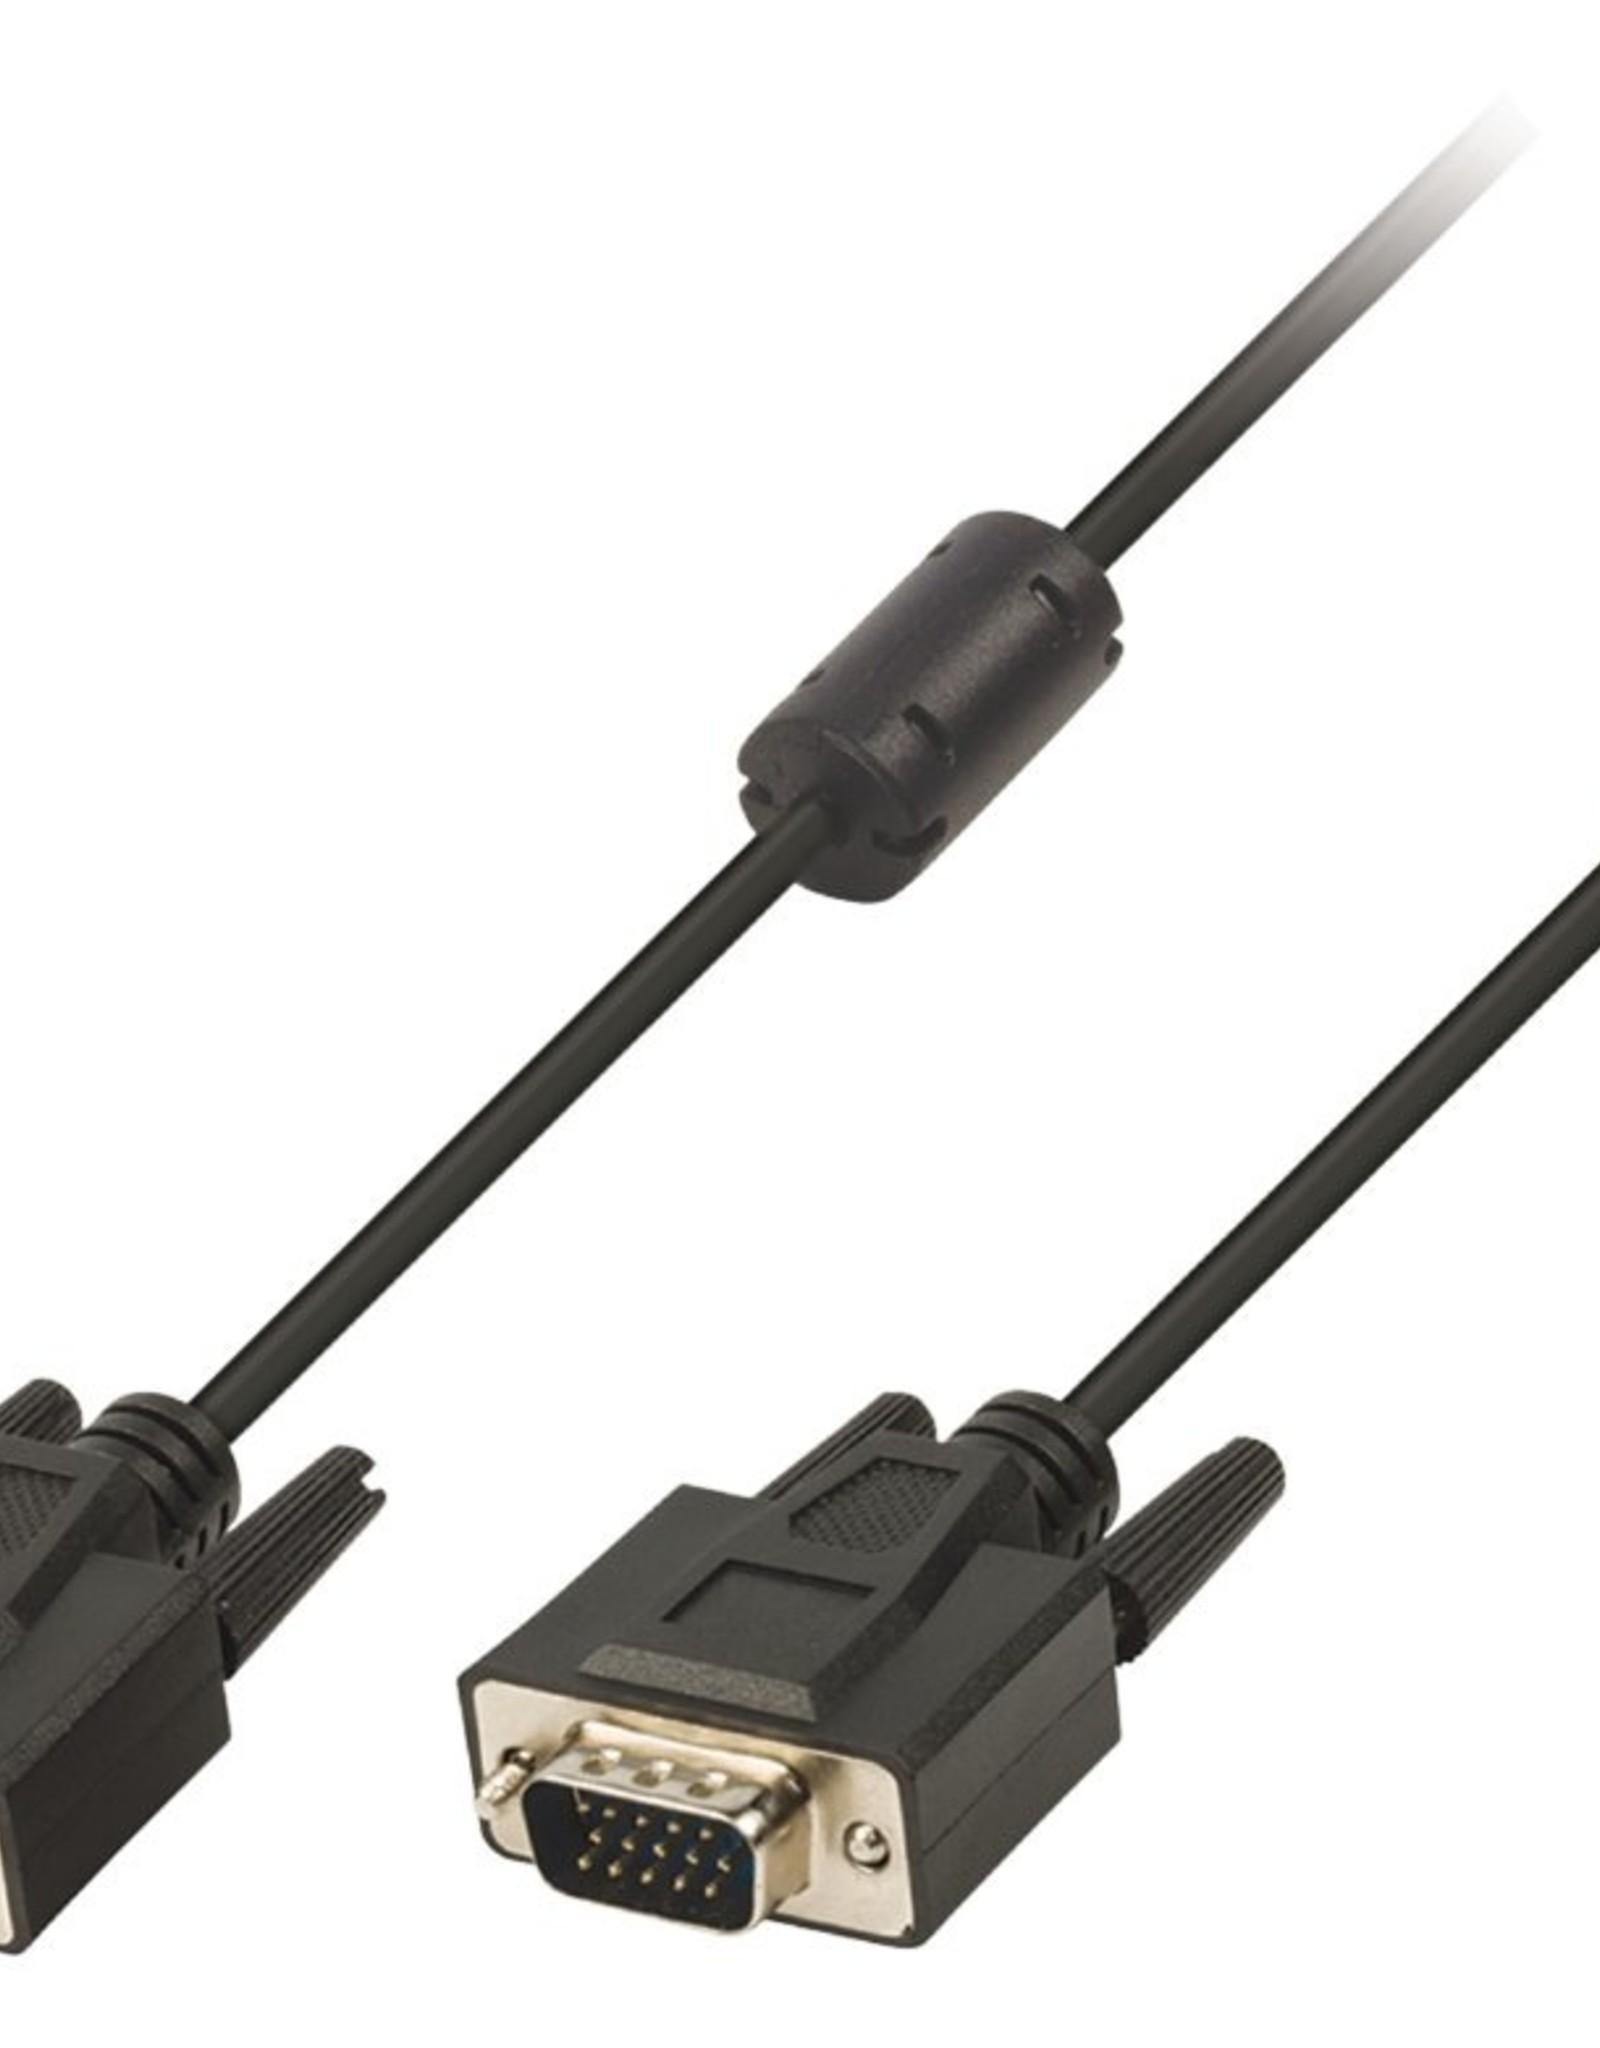 Kabel VGA kabel VGA male - VGA male 10,0 m zwart